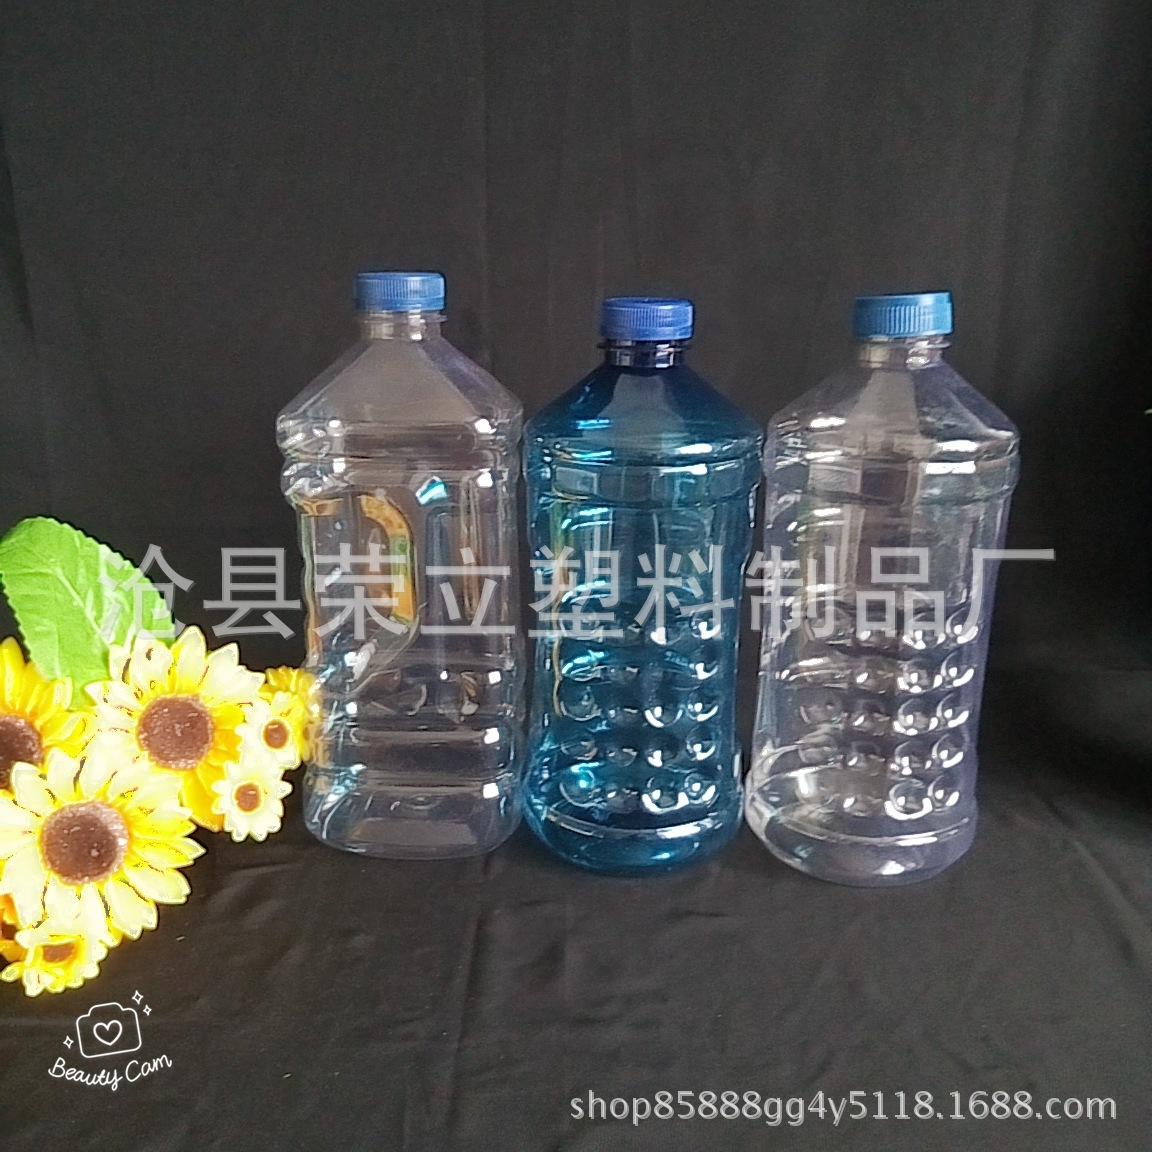 塑料 厂家直销玻璃  水瓶 2L PET塑料玻璃水瓶  可加工订制